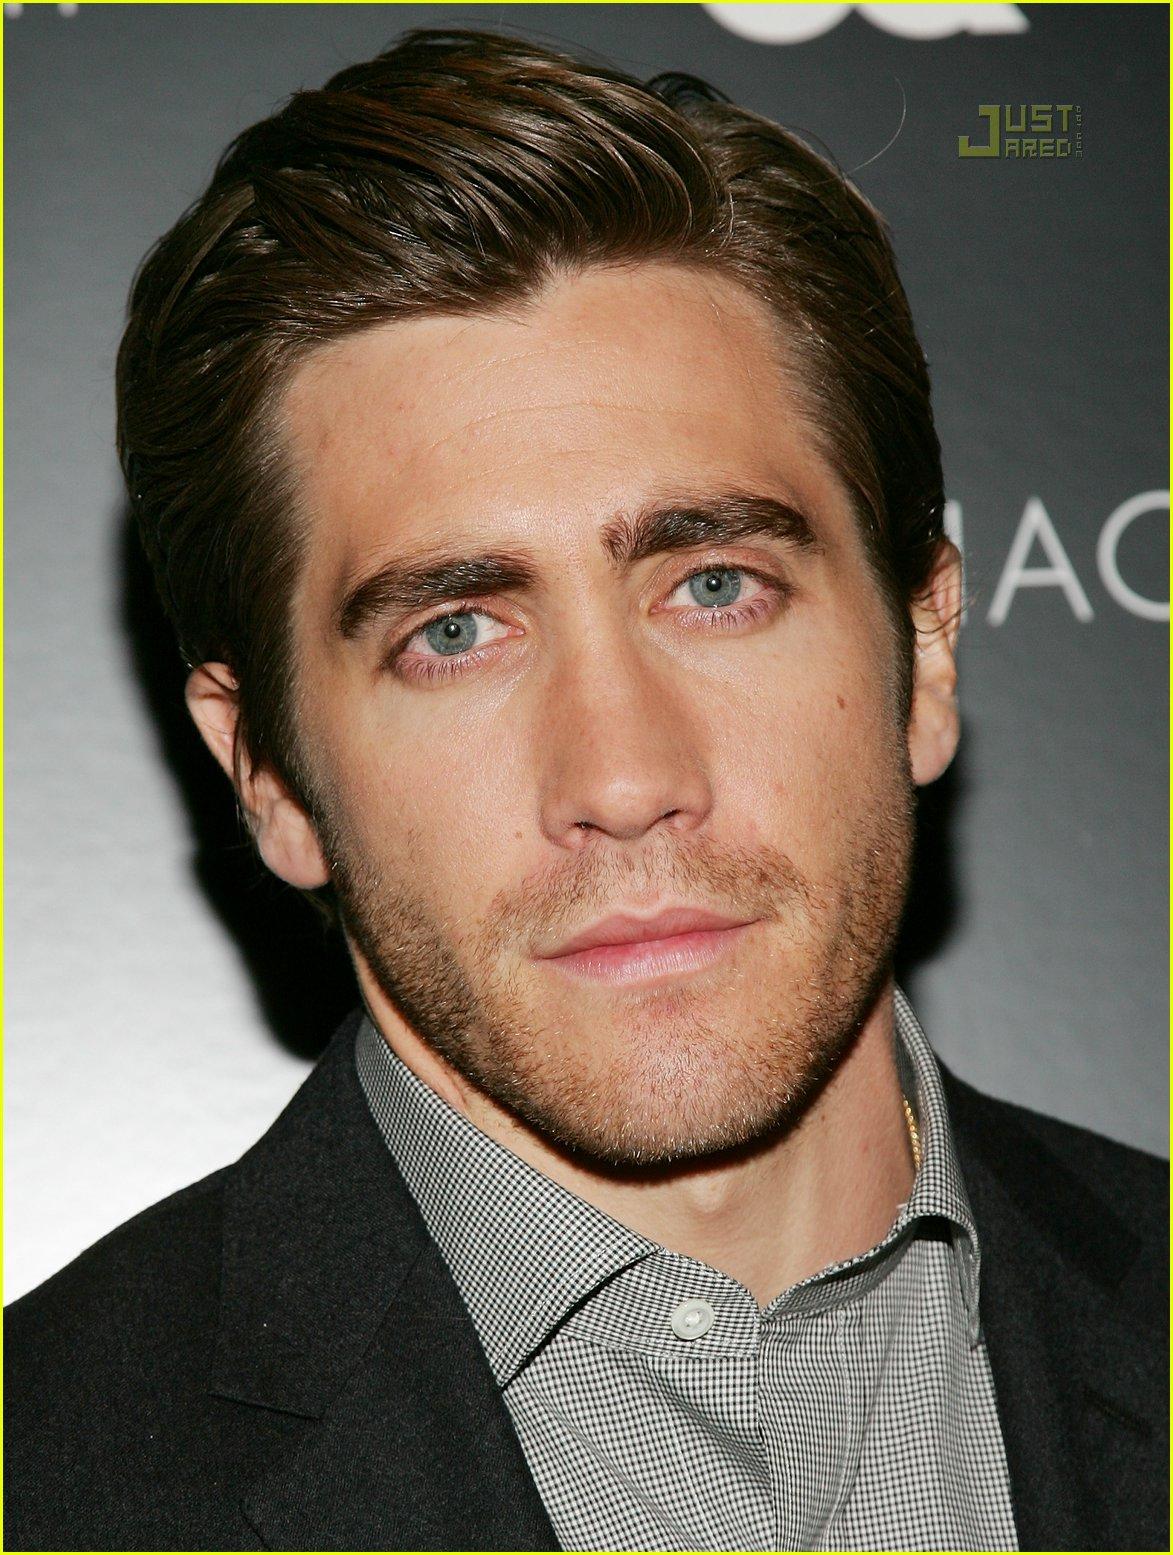 http://cdn02.cdn.justjared.com/wp-content/uploads/2007/03/jake_gyllenhaal_zodiac_premiere/jake-gyllenhaal-zodiac-premiere-13.jpg